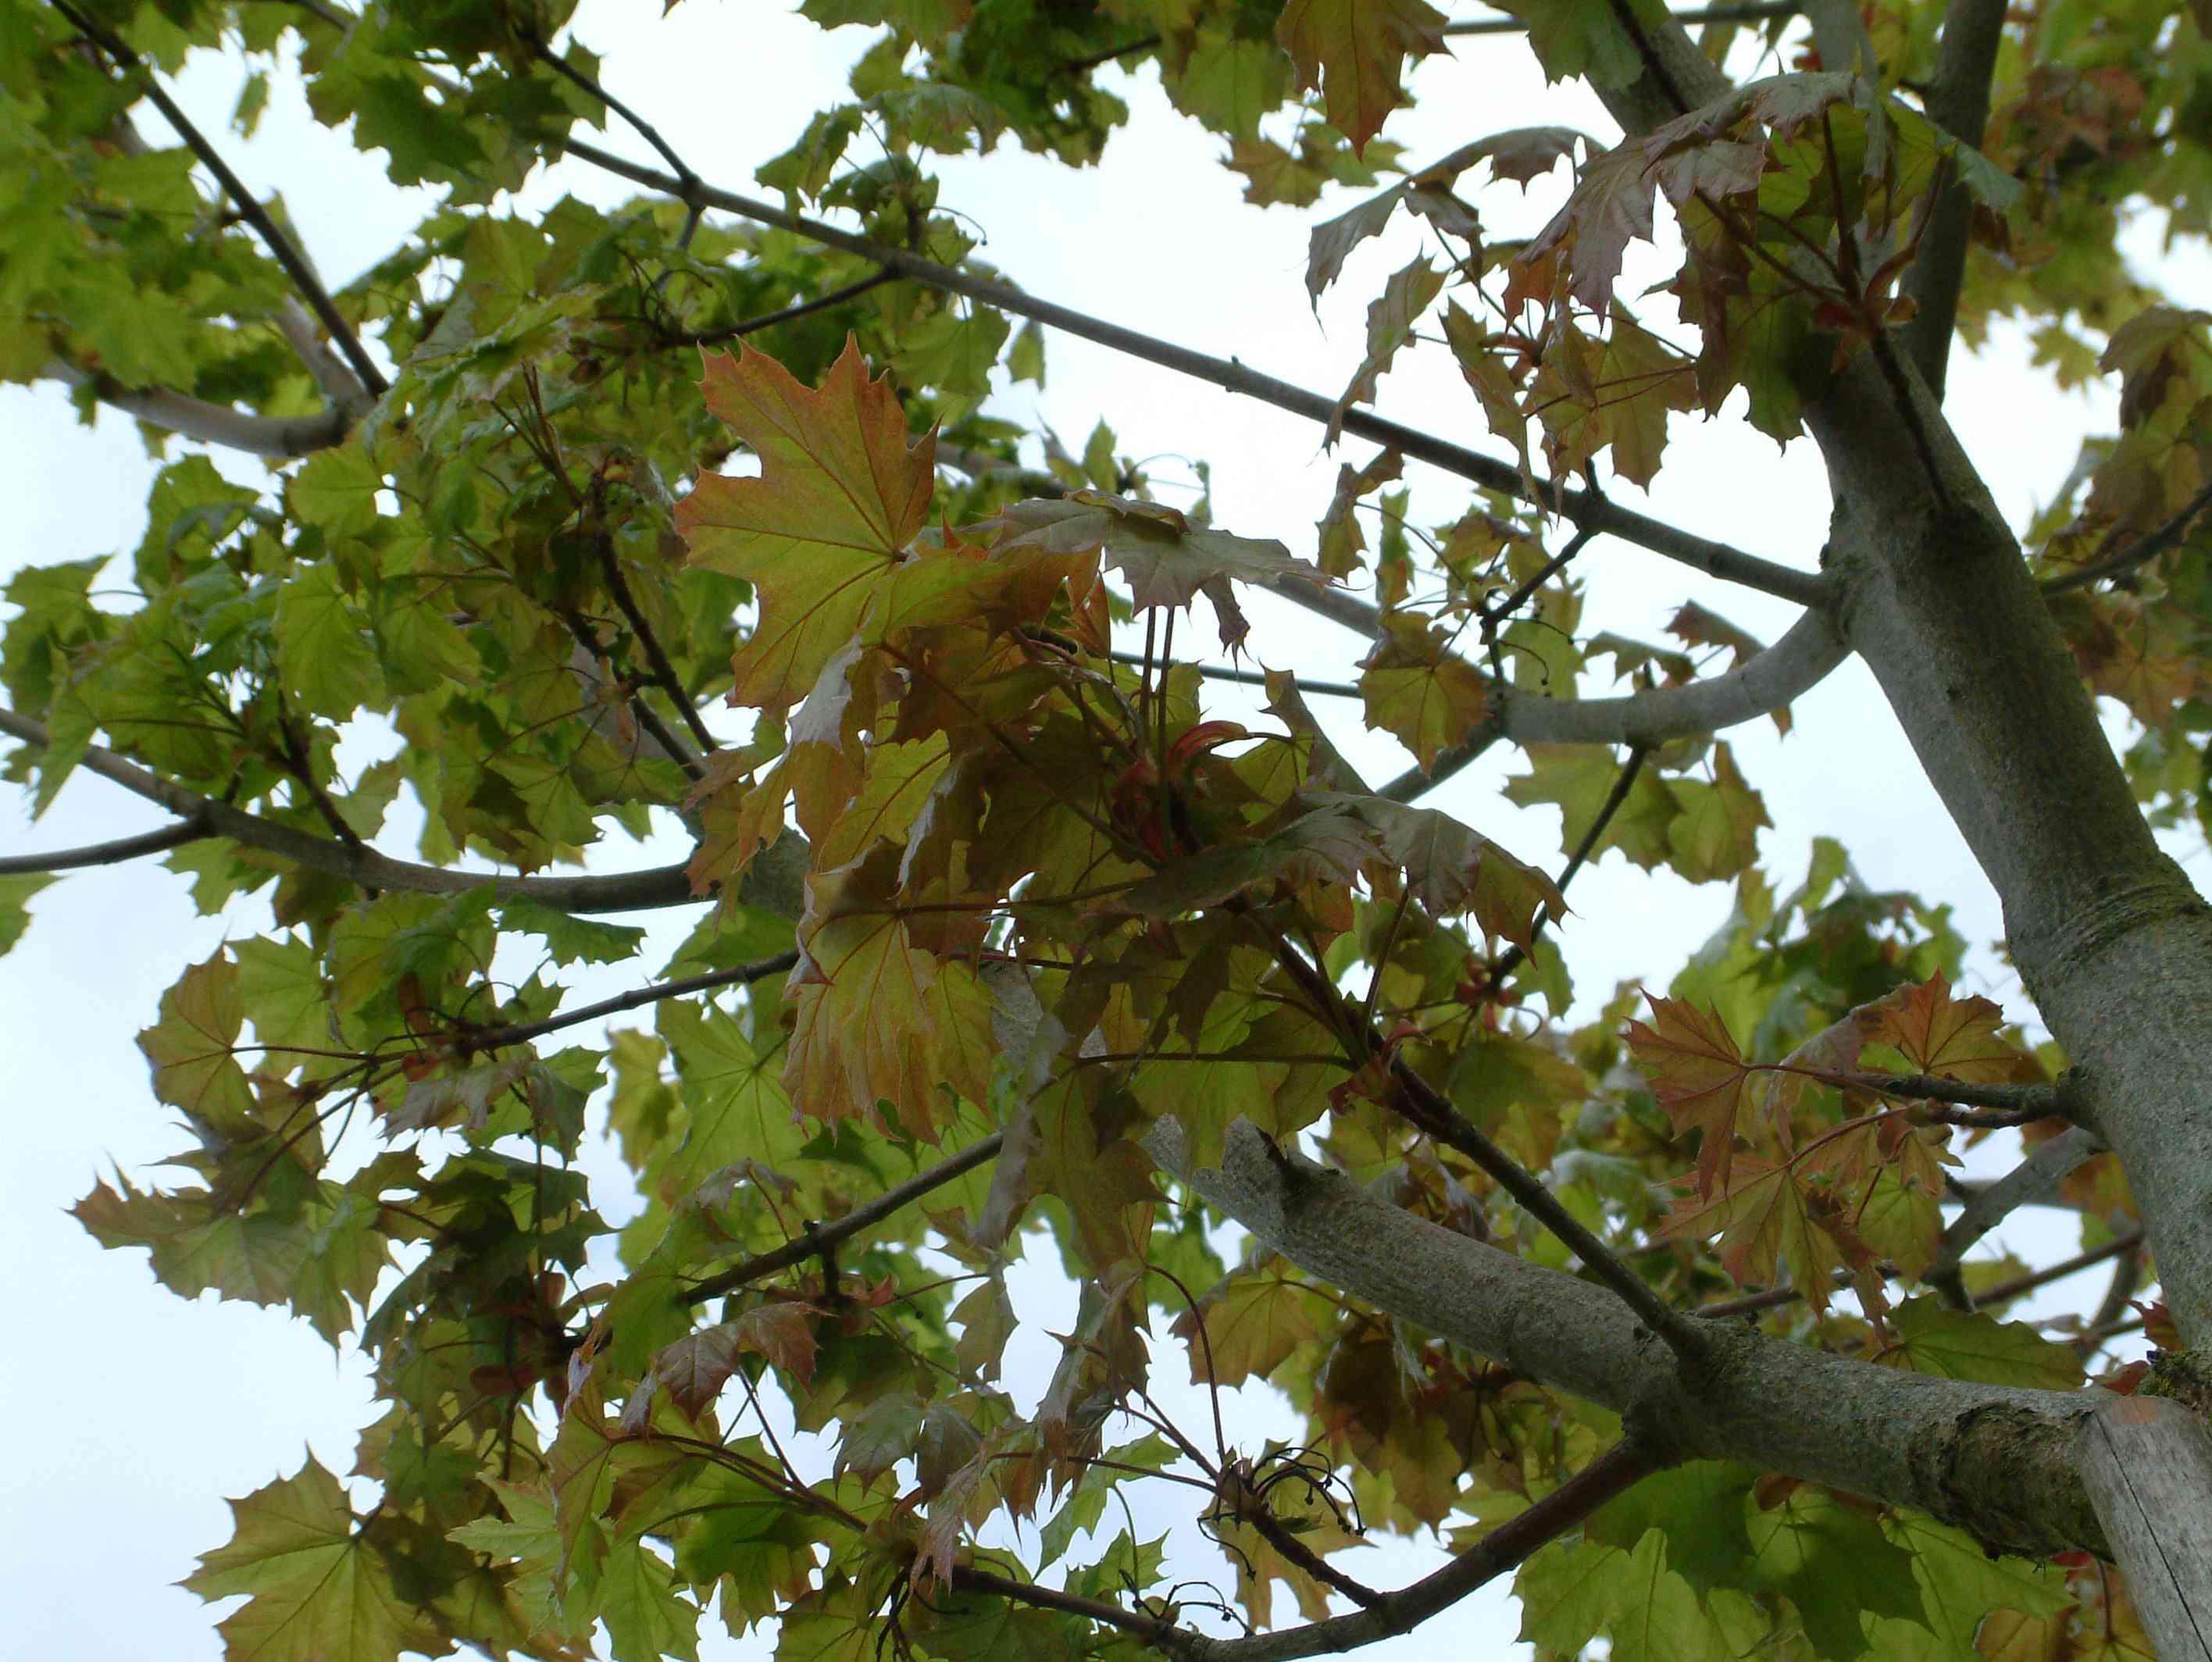 Acer Platanoides 'emerald Queen' Aceraceae